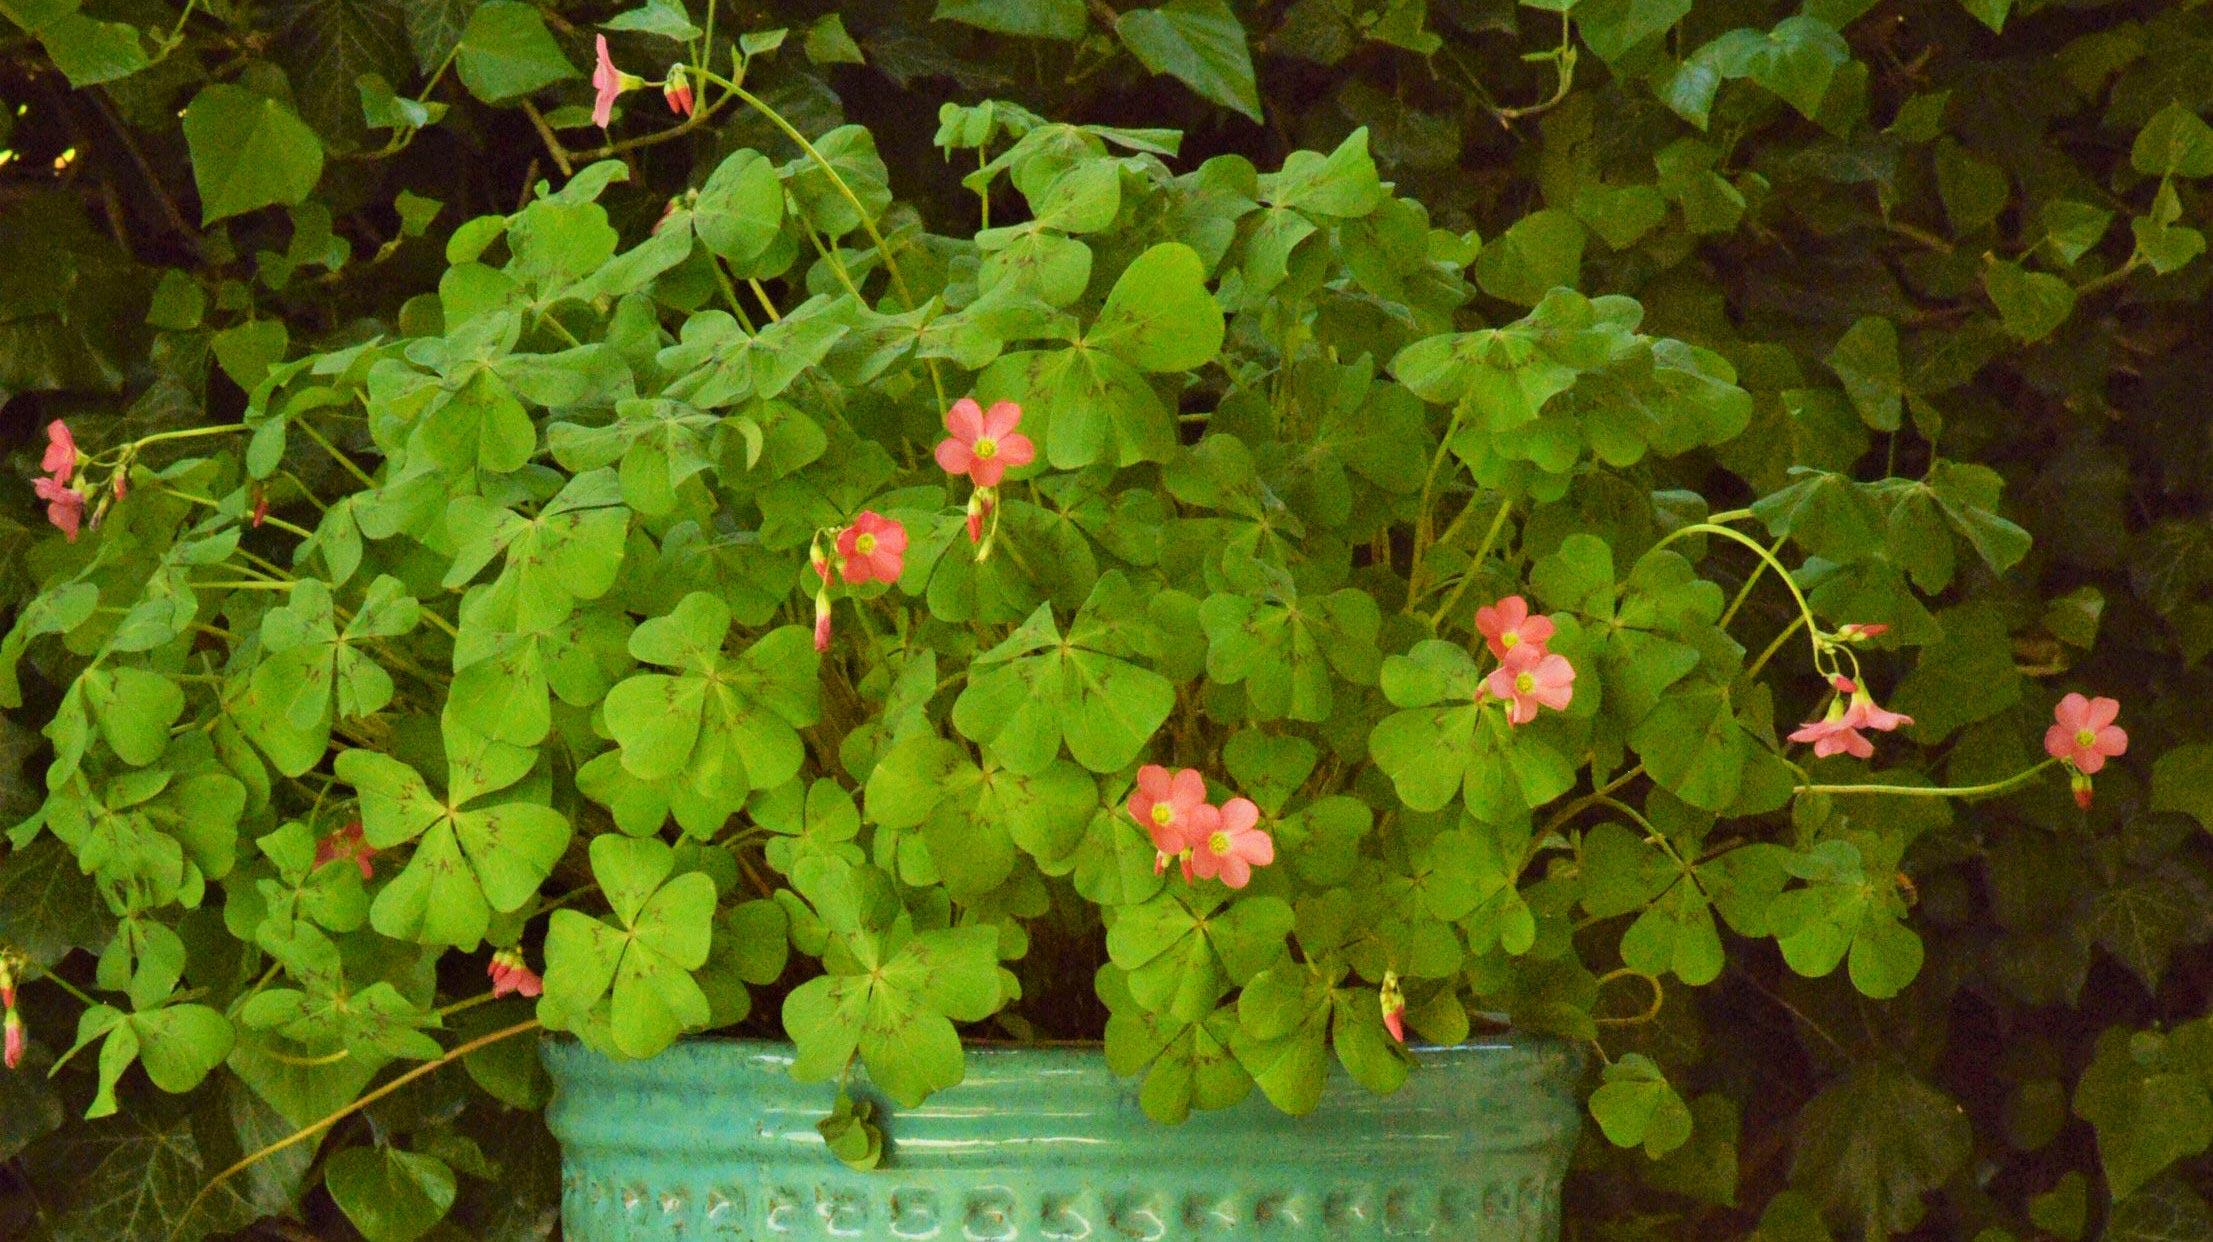 Glücksklee: Unterpflanzen statt wegwerfen